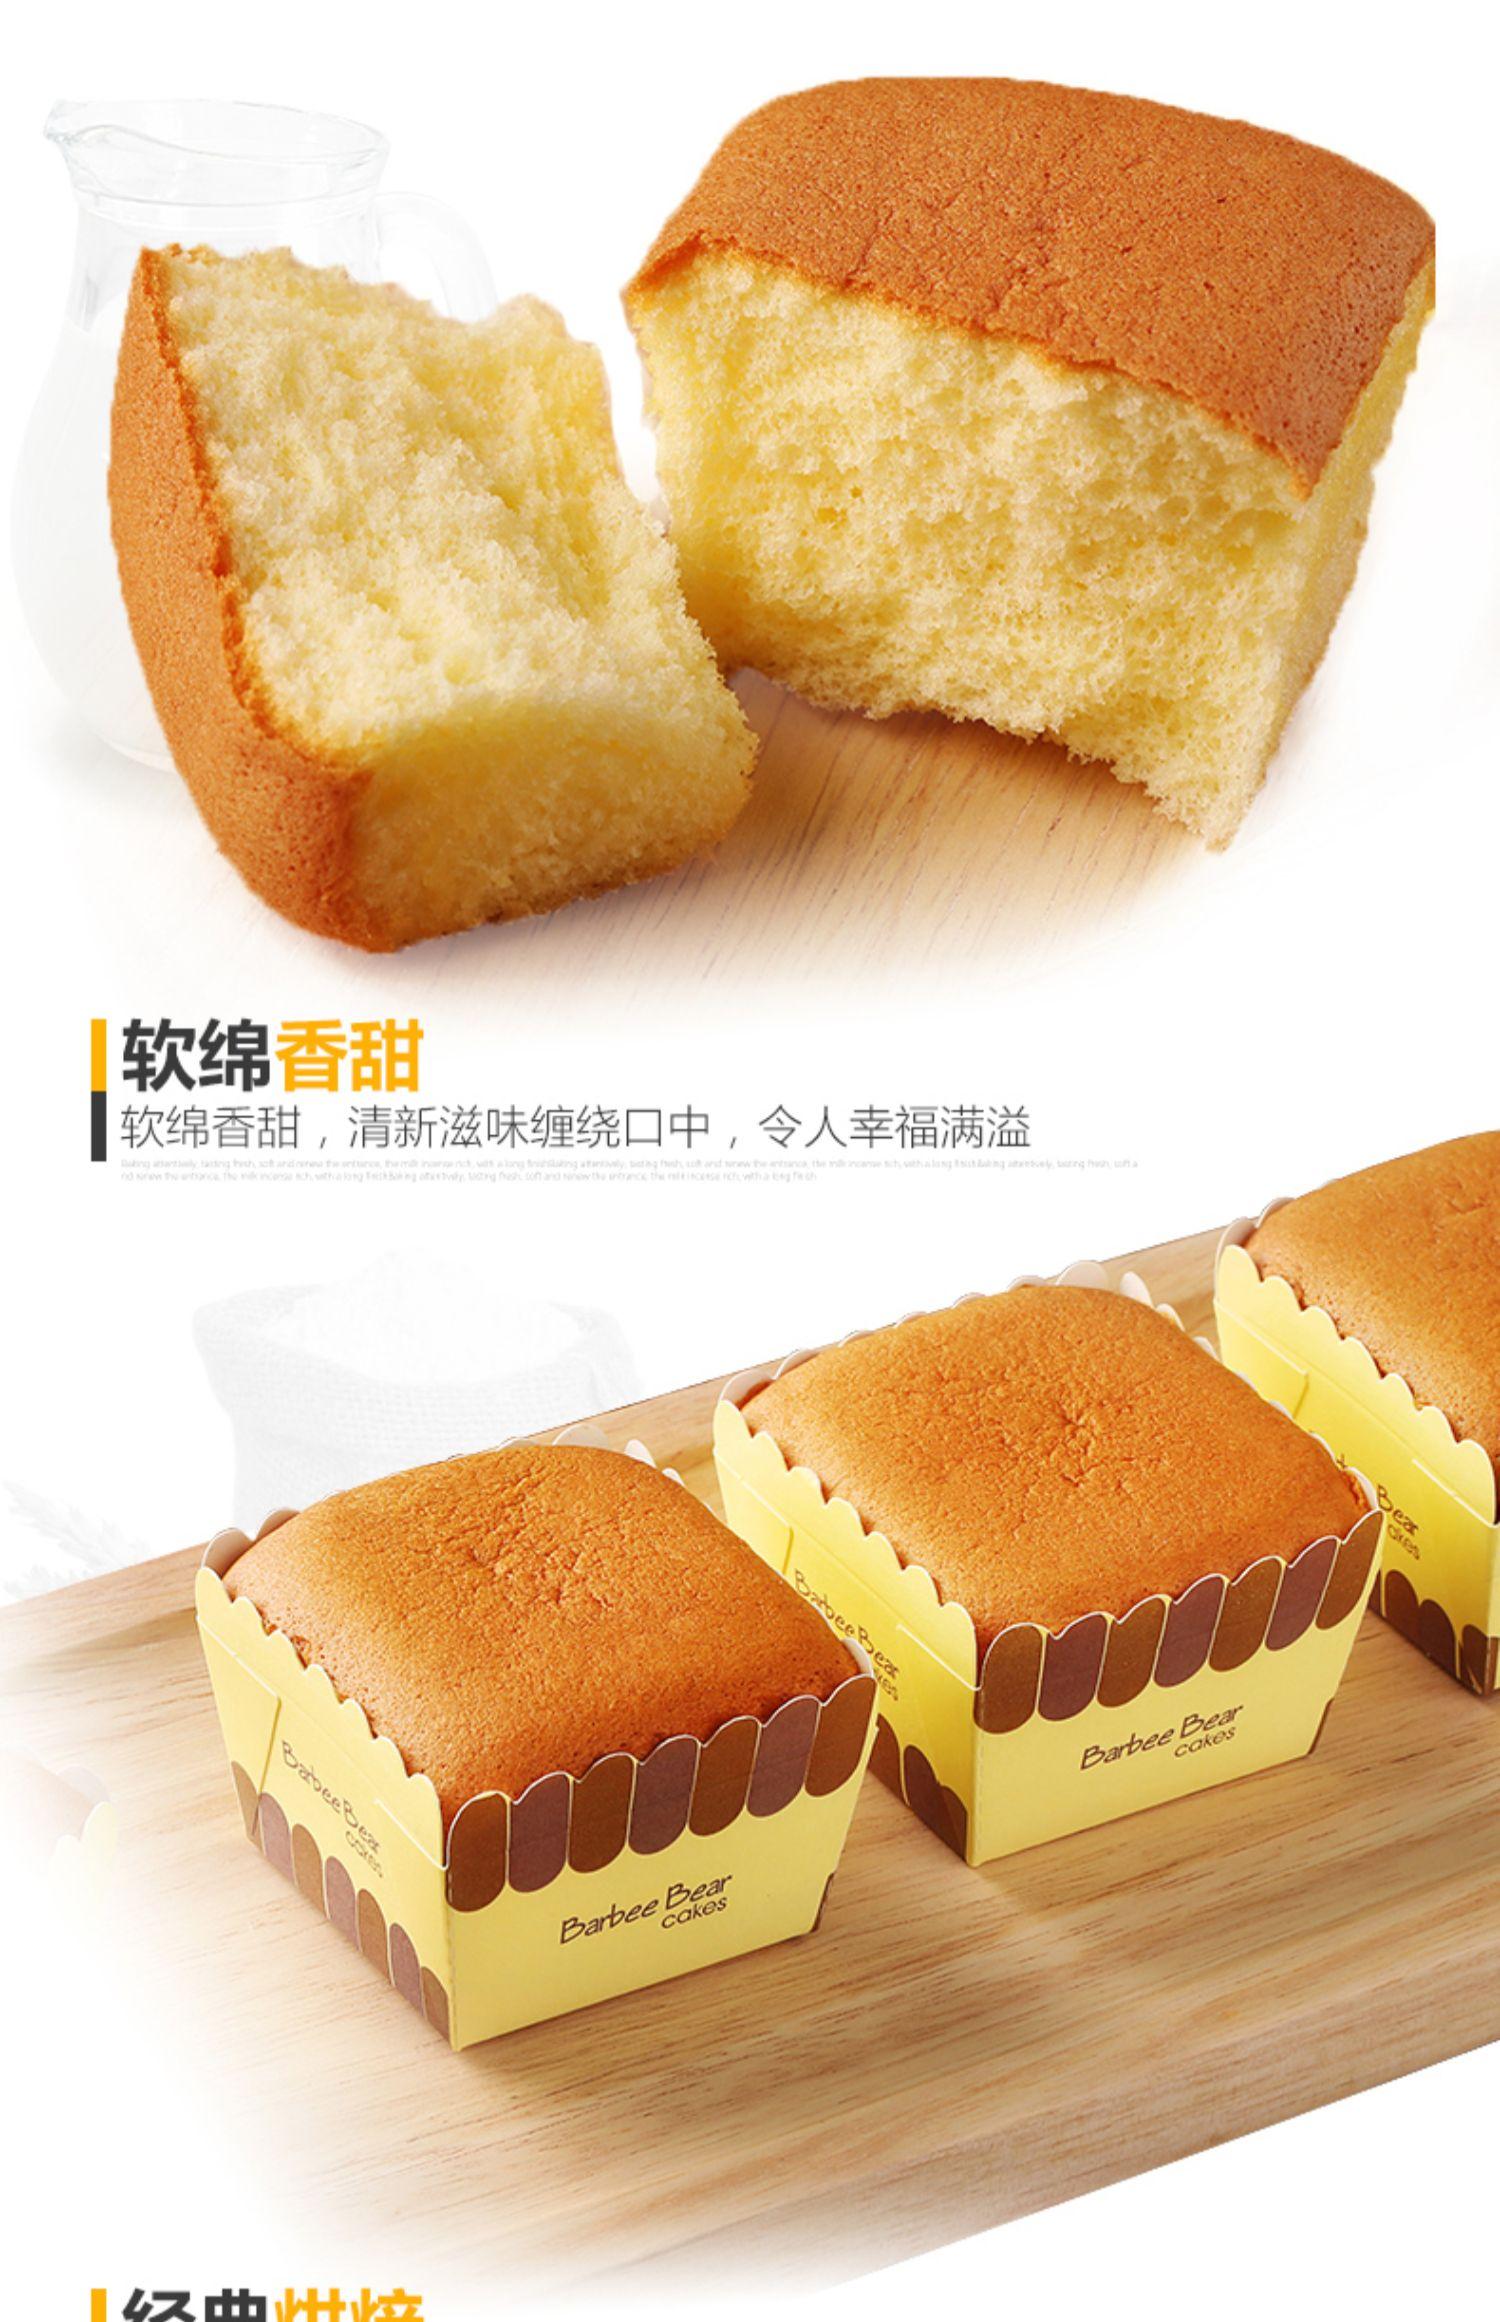 【巴比熊】芝士蛋糕夹心零食整箱510g